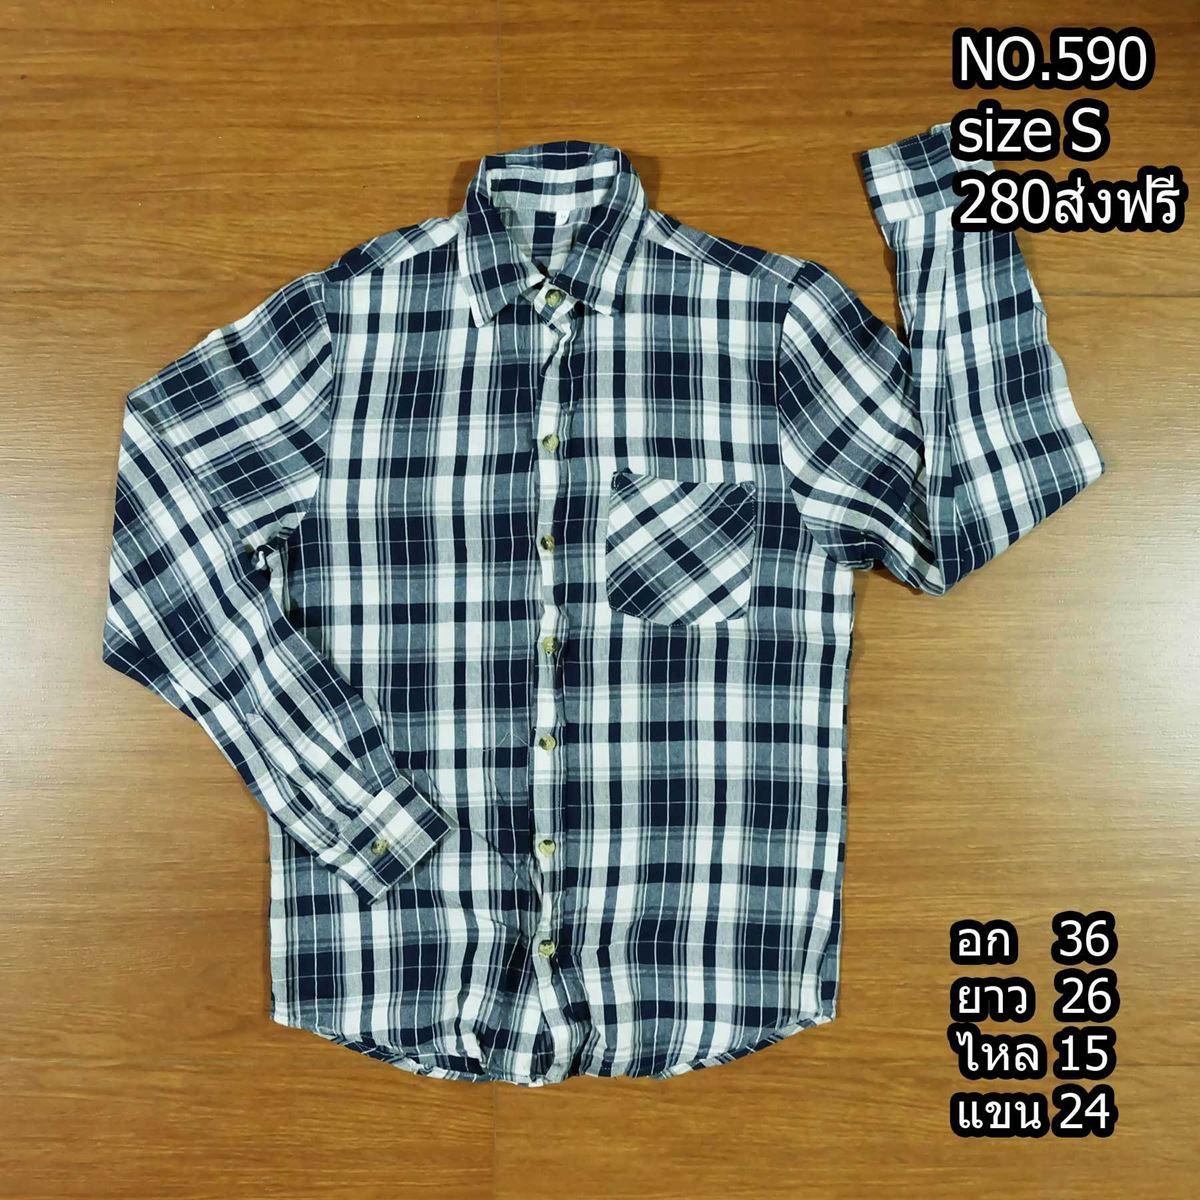 เสื้อเชิ้ตลายสก็อต Size S (No.590)